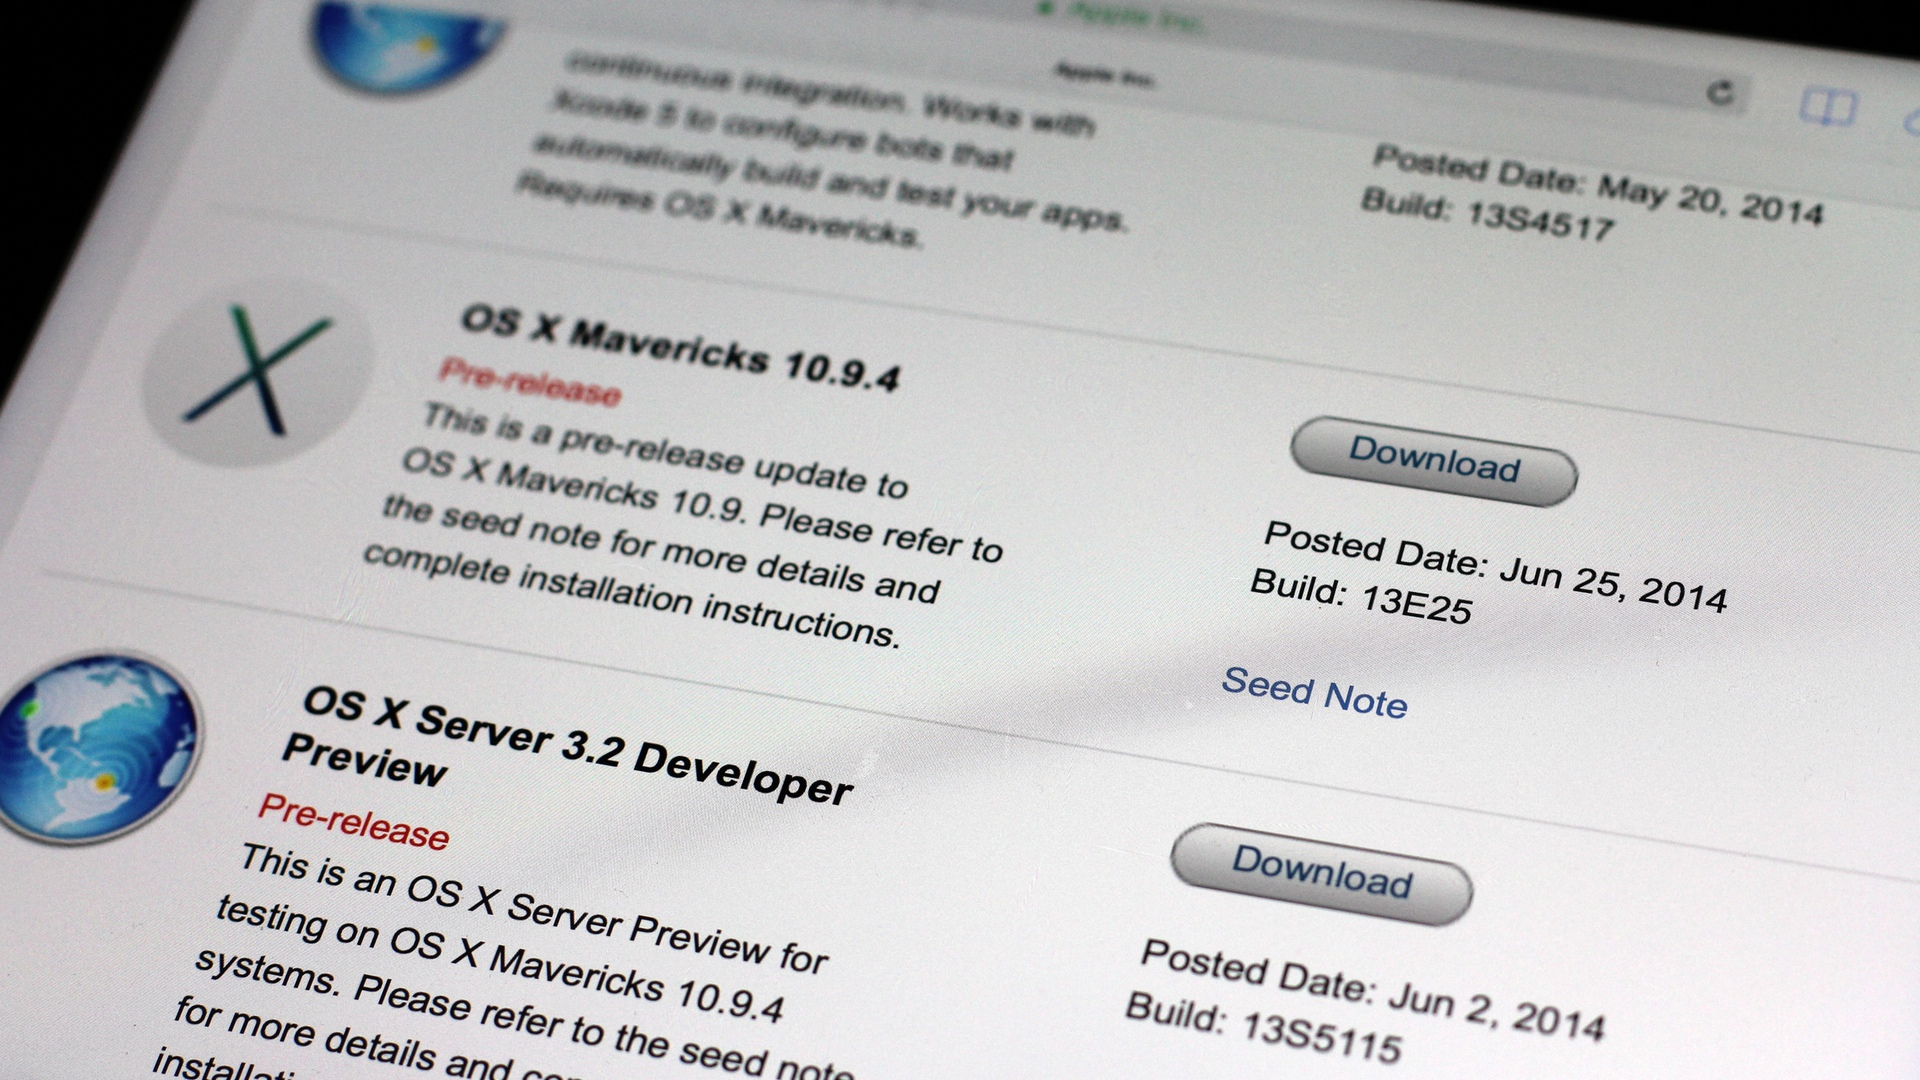 OS X Mavericks 10.9.4 build 13E25